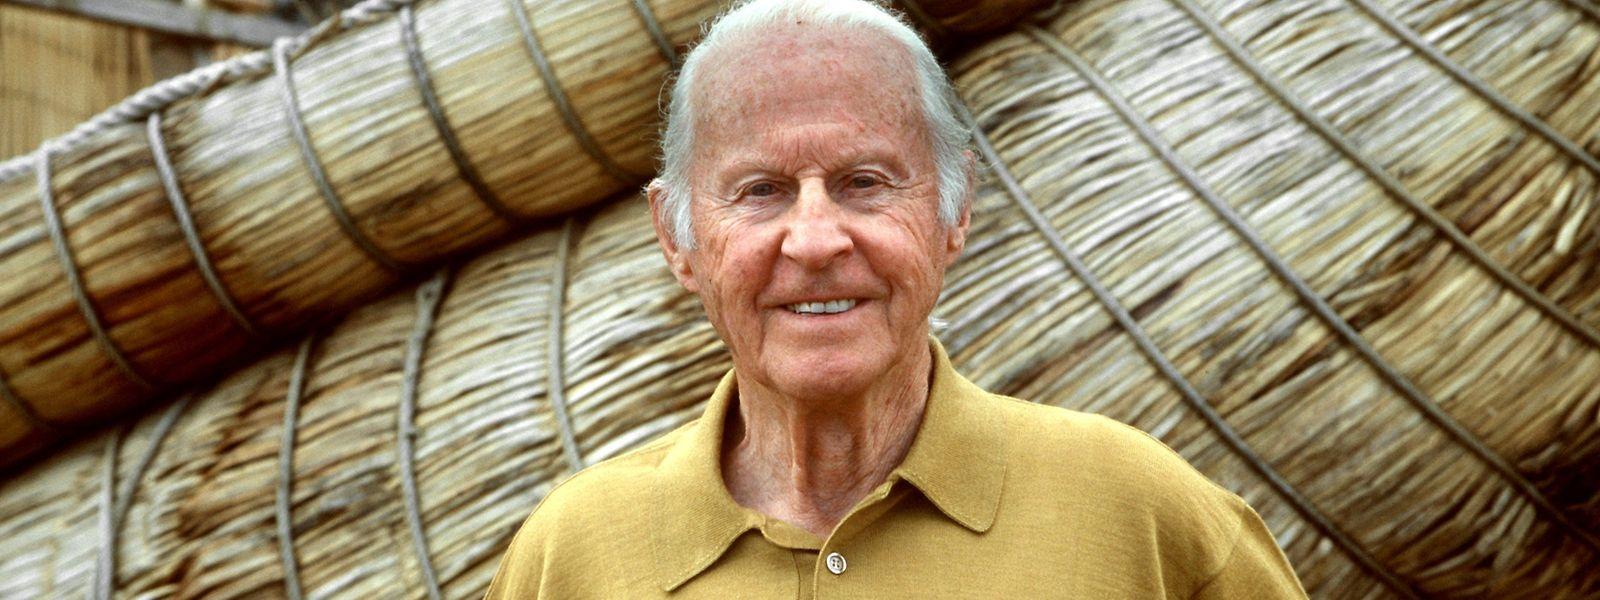 Der norwegische Abenteurer, Entdecker und Völkerkundler Thor Heyerdahl - eine Aufnahme aus dem Jahr 1998.